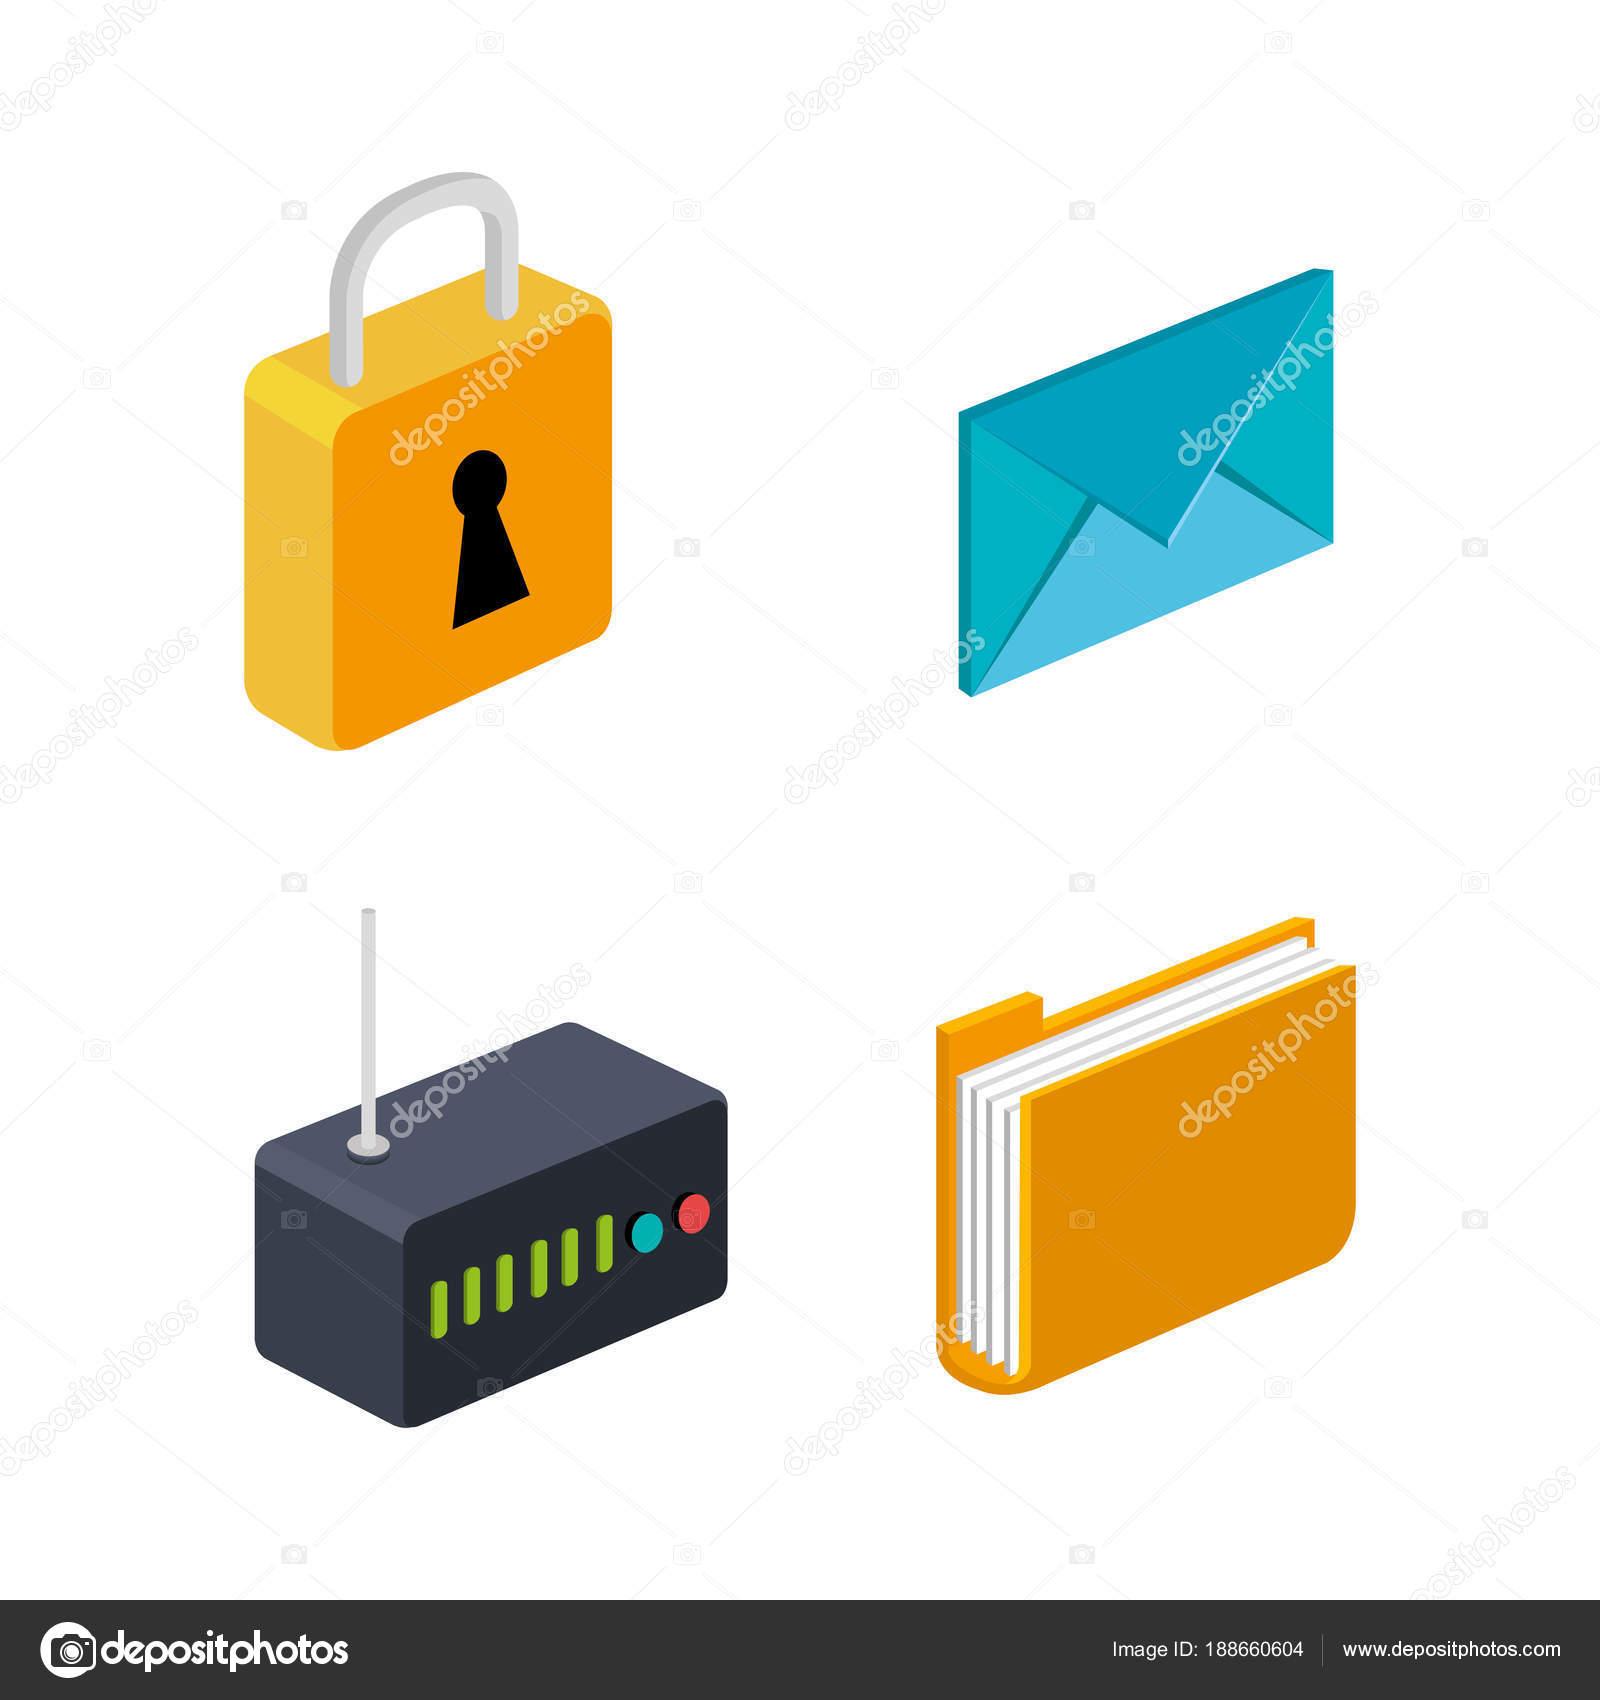 Co je ID zabezpečení připojení